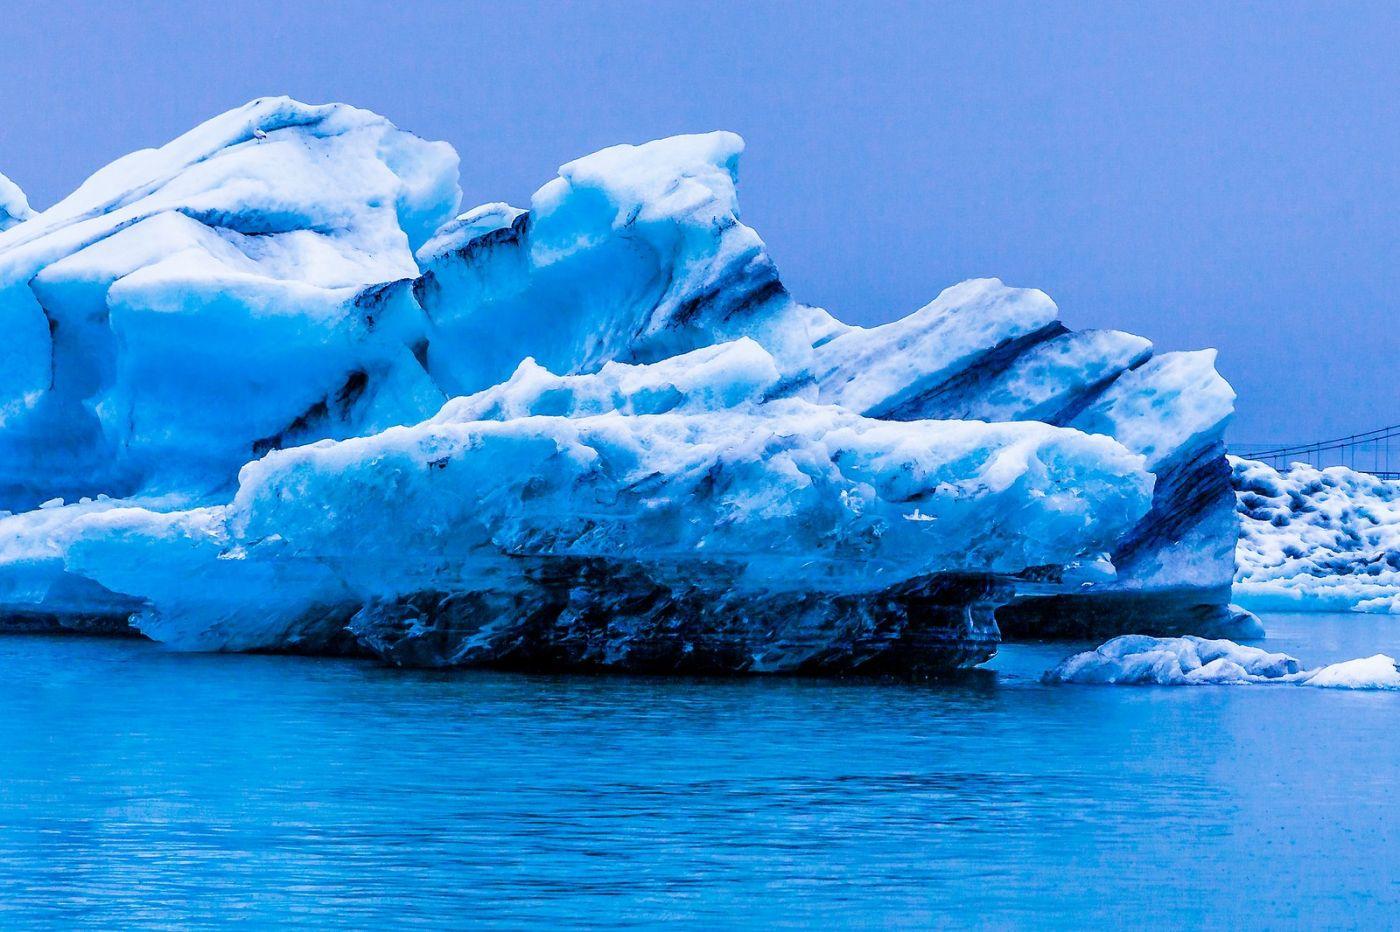 冰岛冰川泻湖(Glacier Lagoon),自然雕塑_图1-12